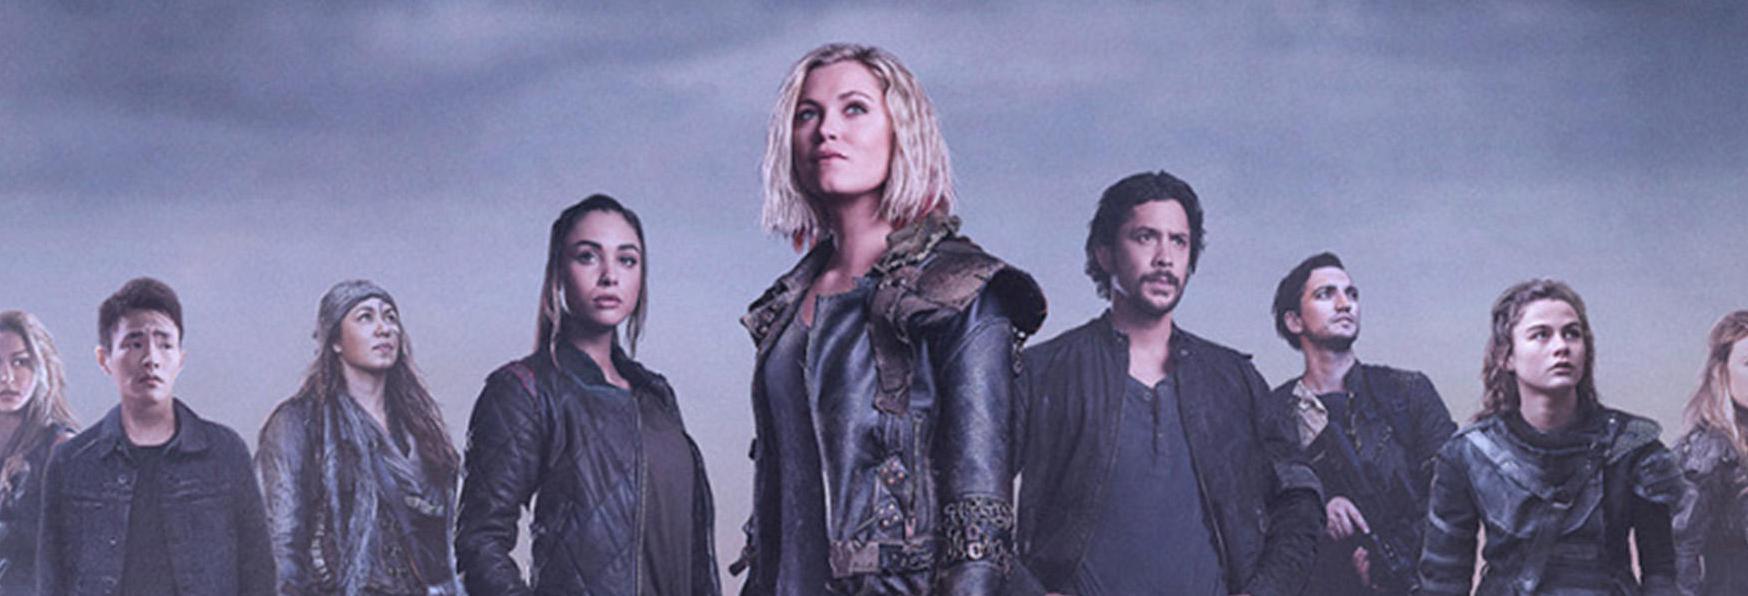 The 100: la Serie TV Prequel svelerà alcuni dei Misteri dello Show Principale